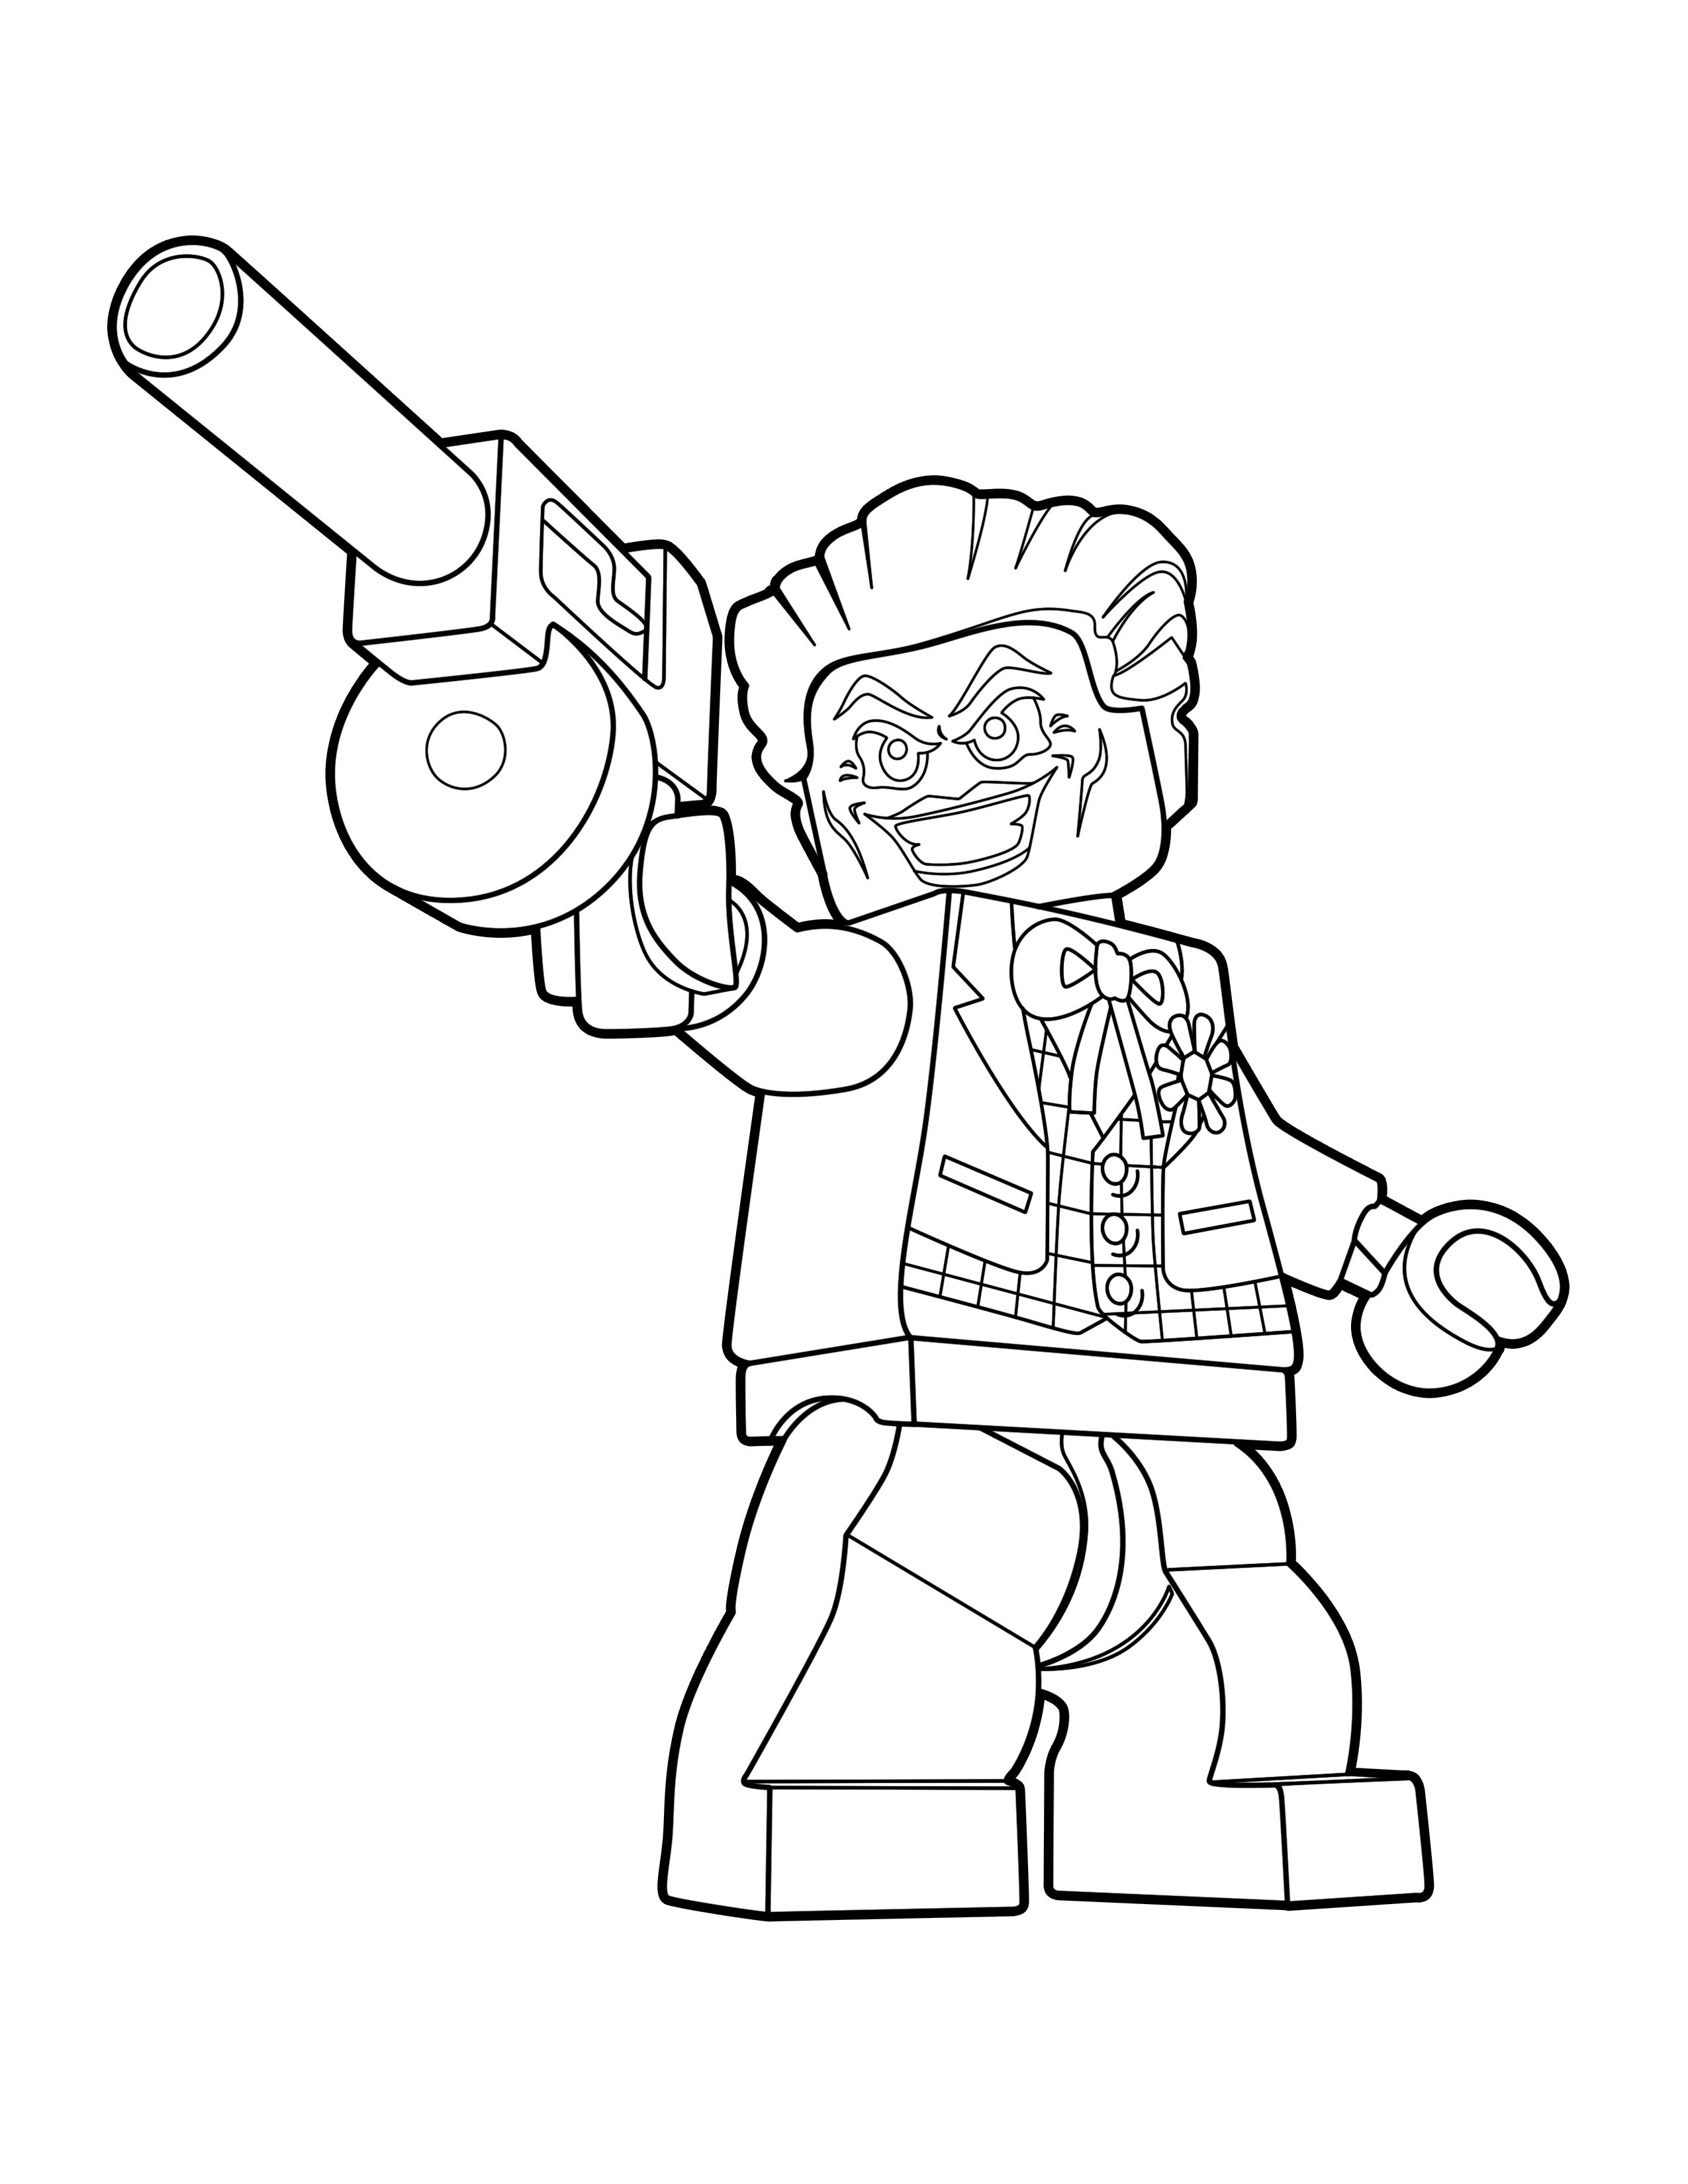 LEGO Joker Color Page - LEGO DC Super-Villains - The Brick Show